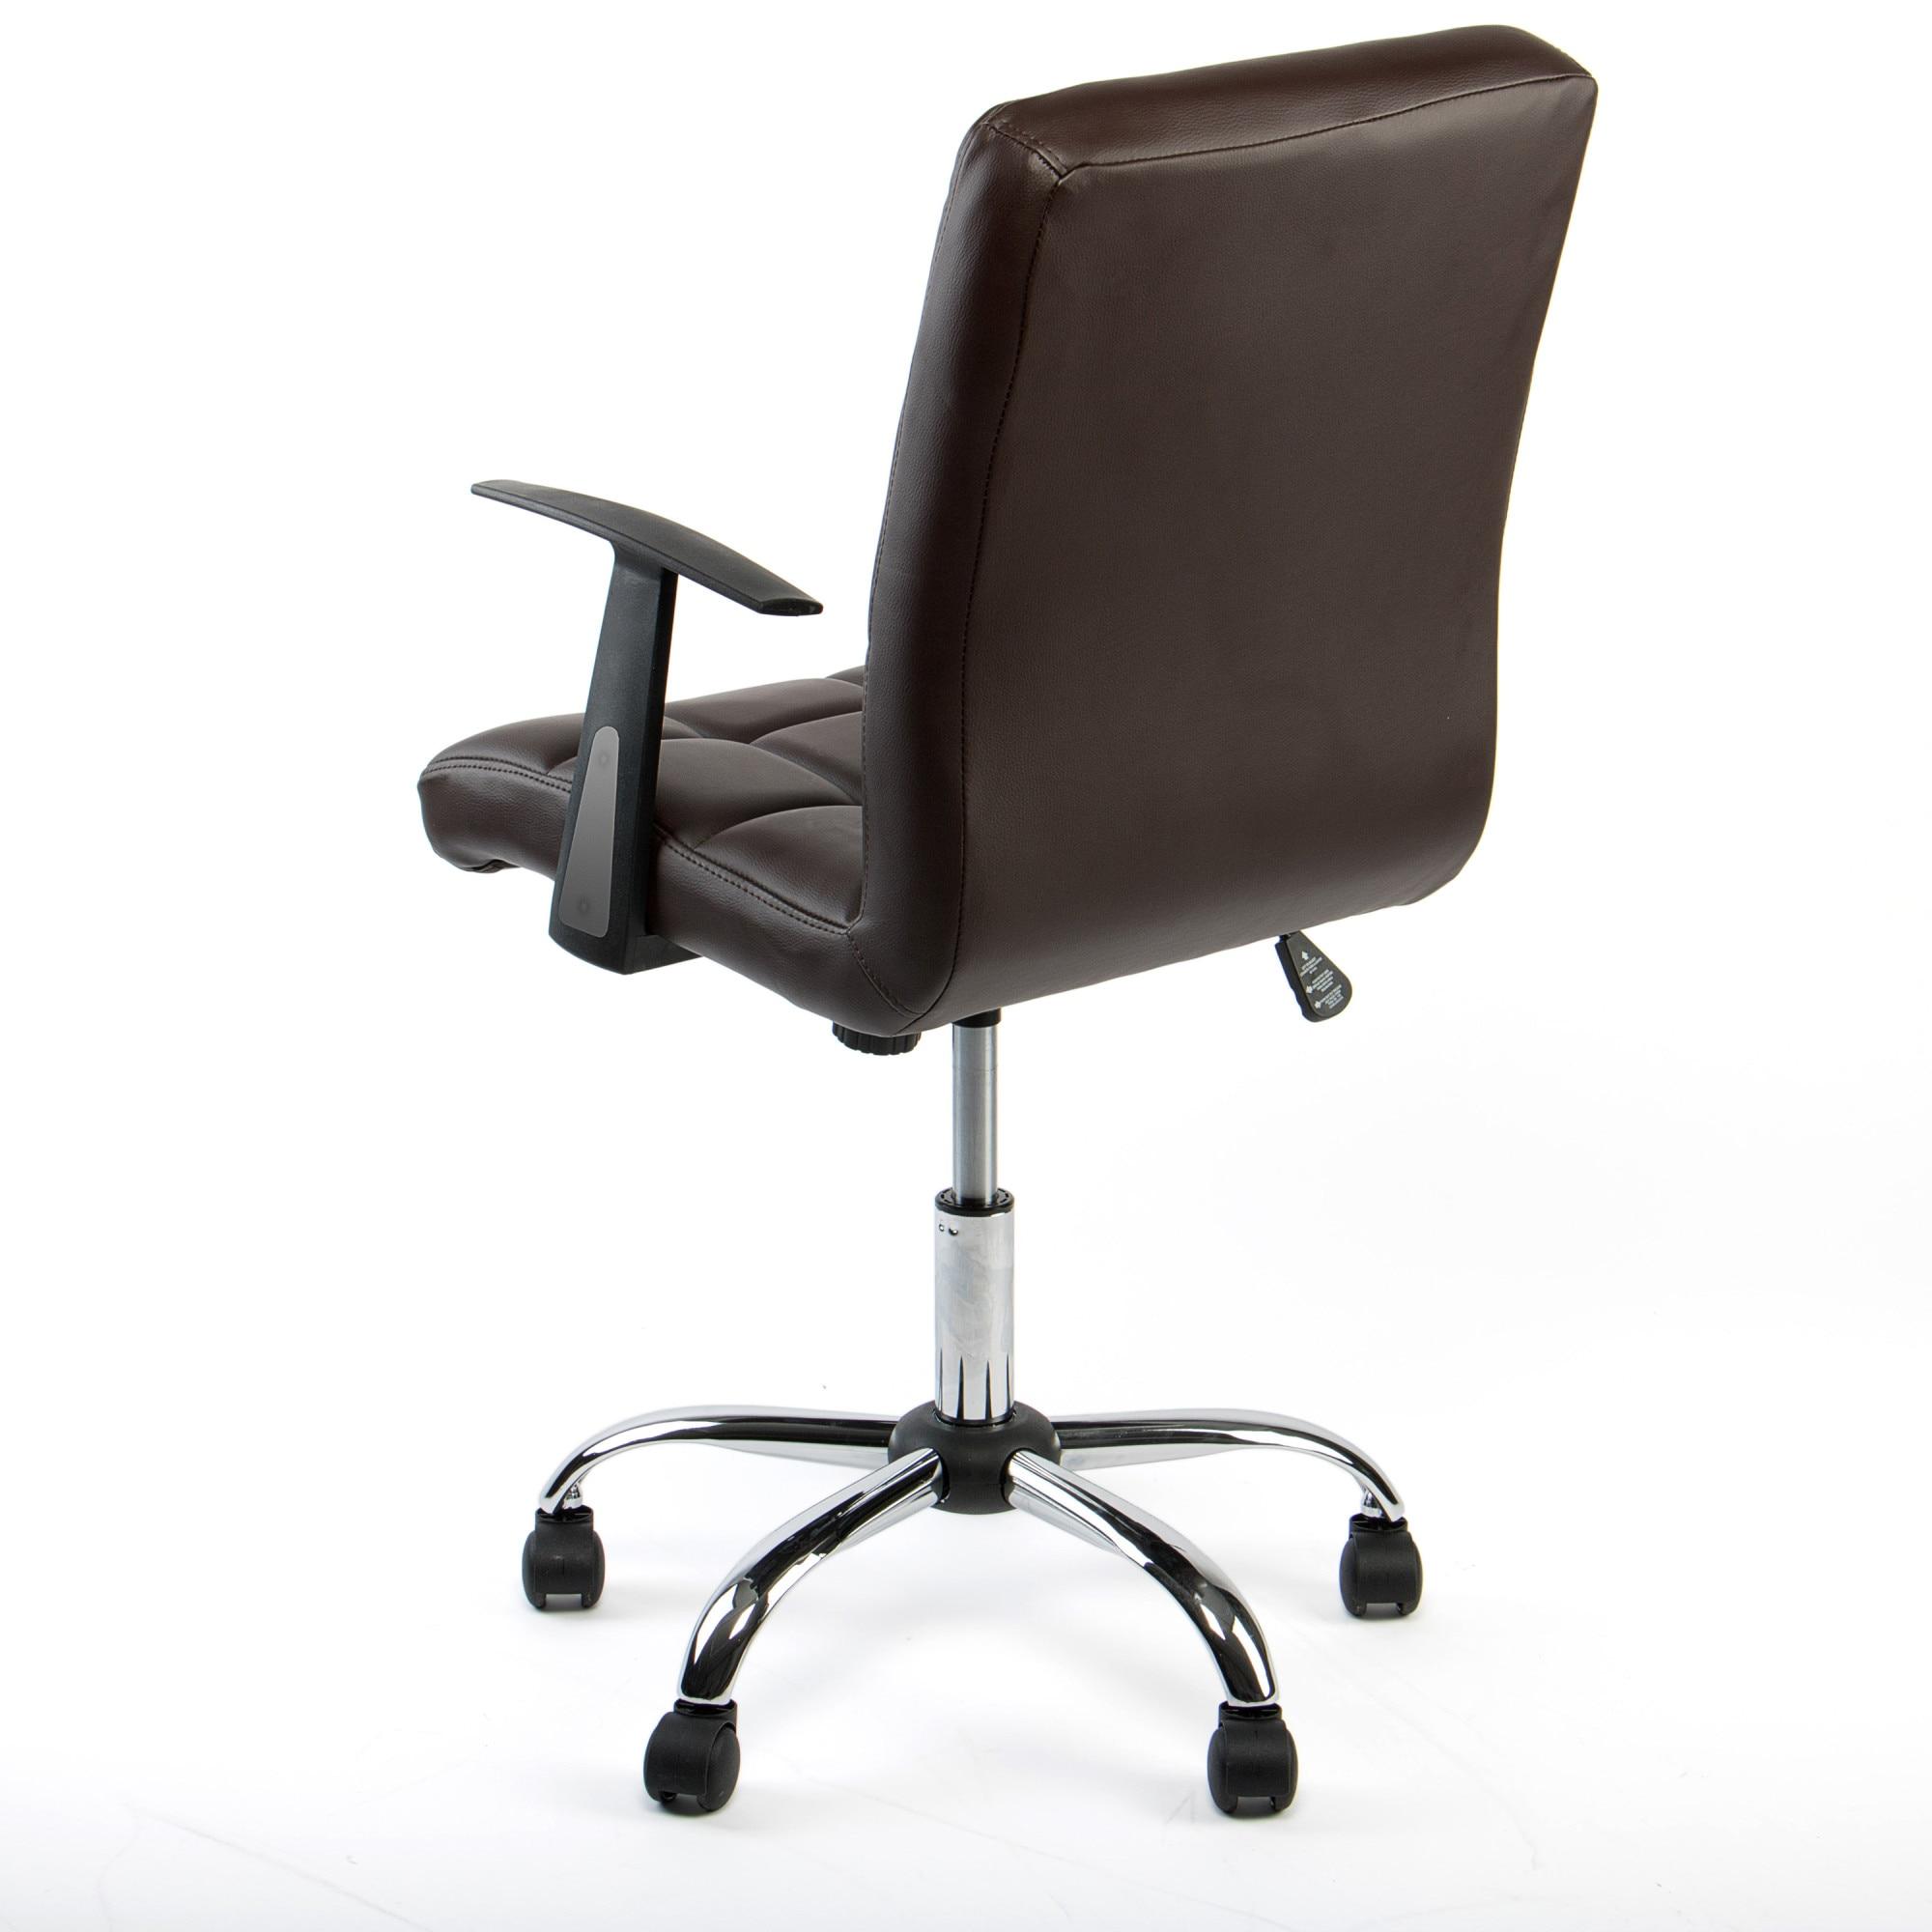 Kring Windsor Ergonomikus irodai szék, Műbőr, Barna eMAG.hu